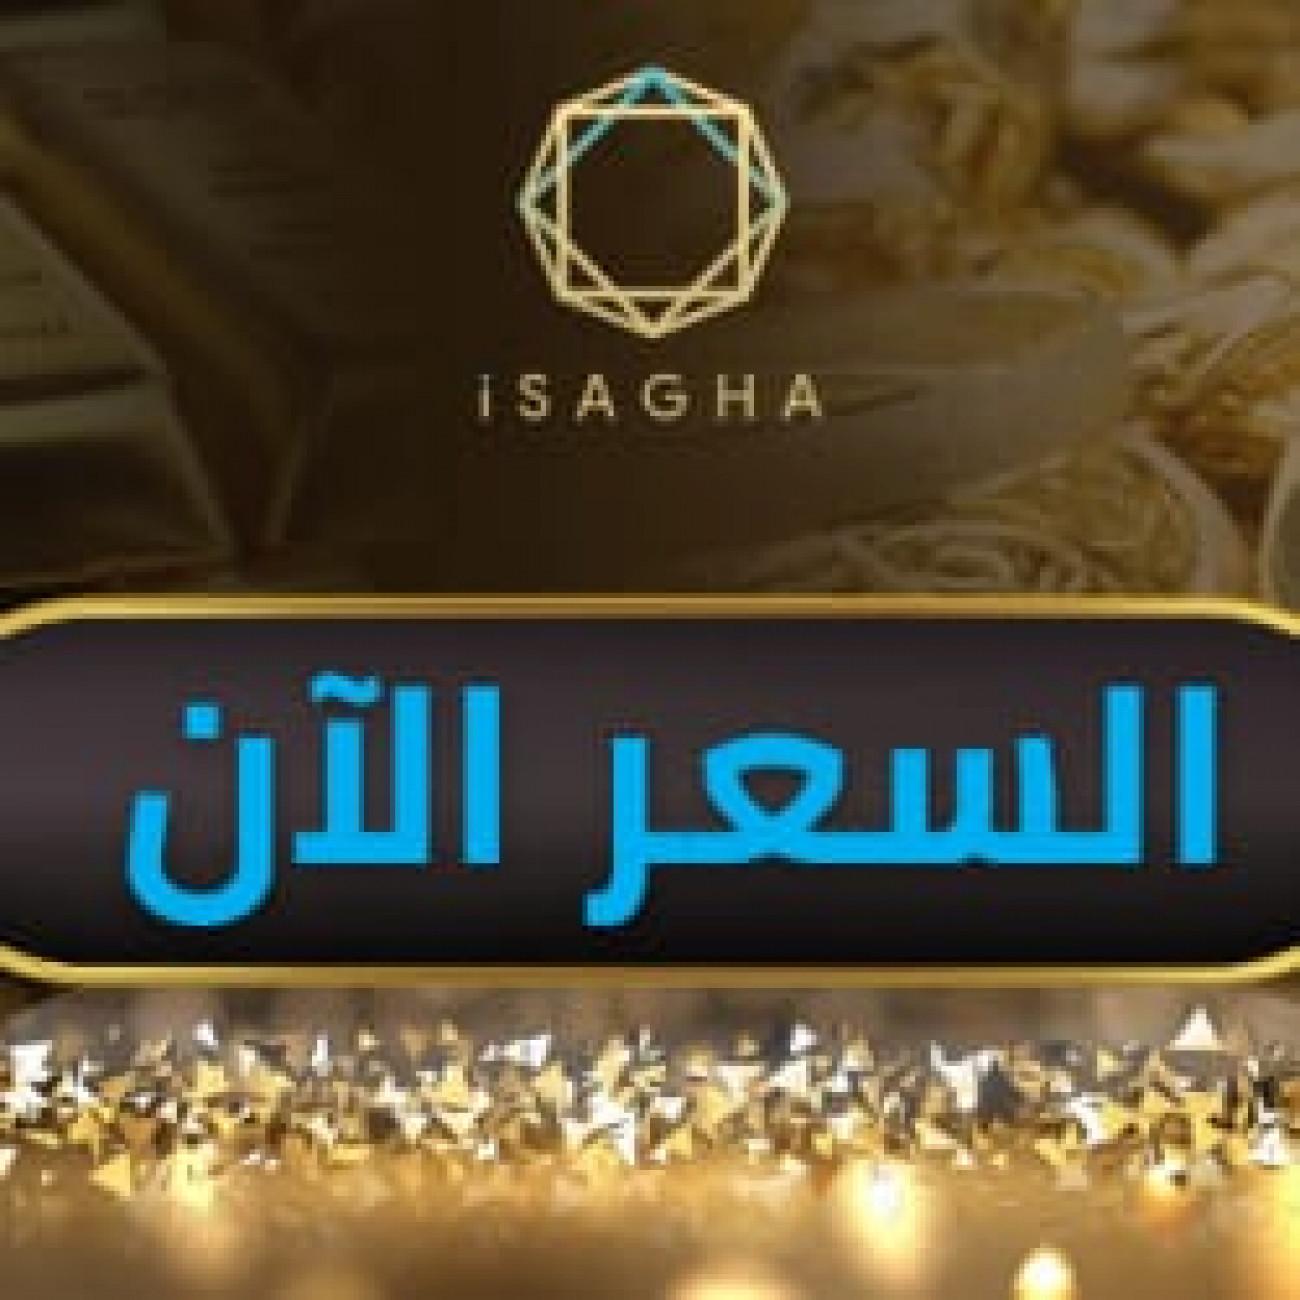 اسعار الذهب فى مصر الأحد 31/1/2021